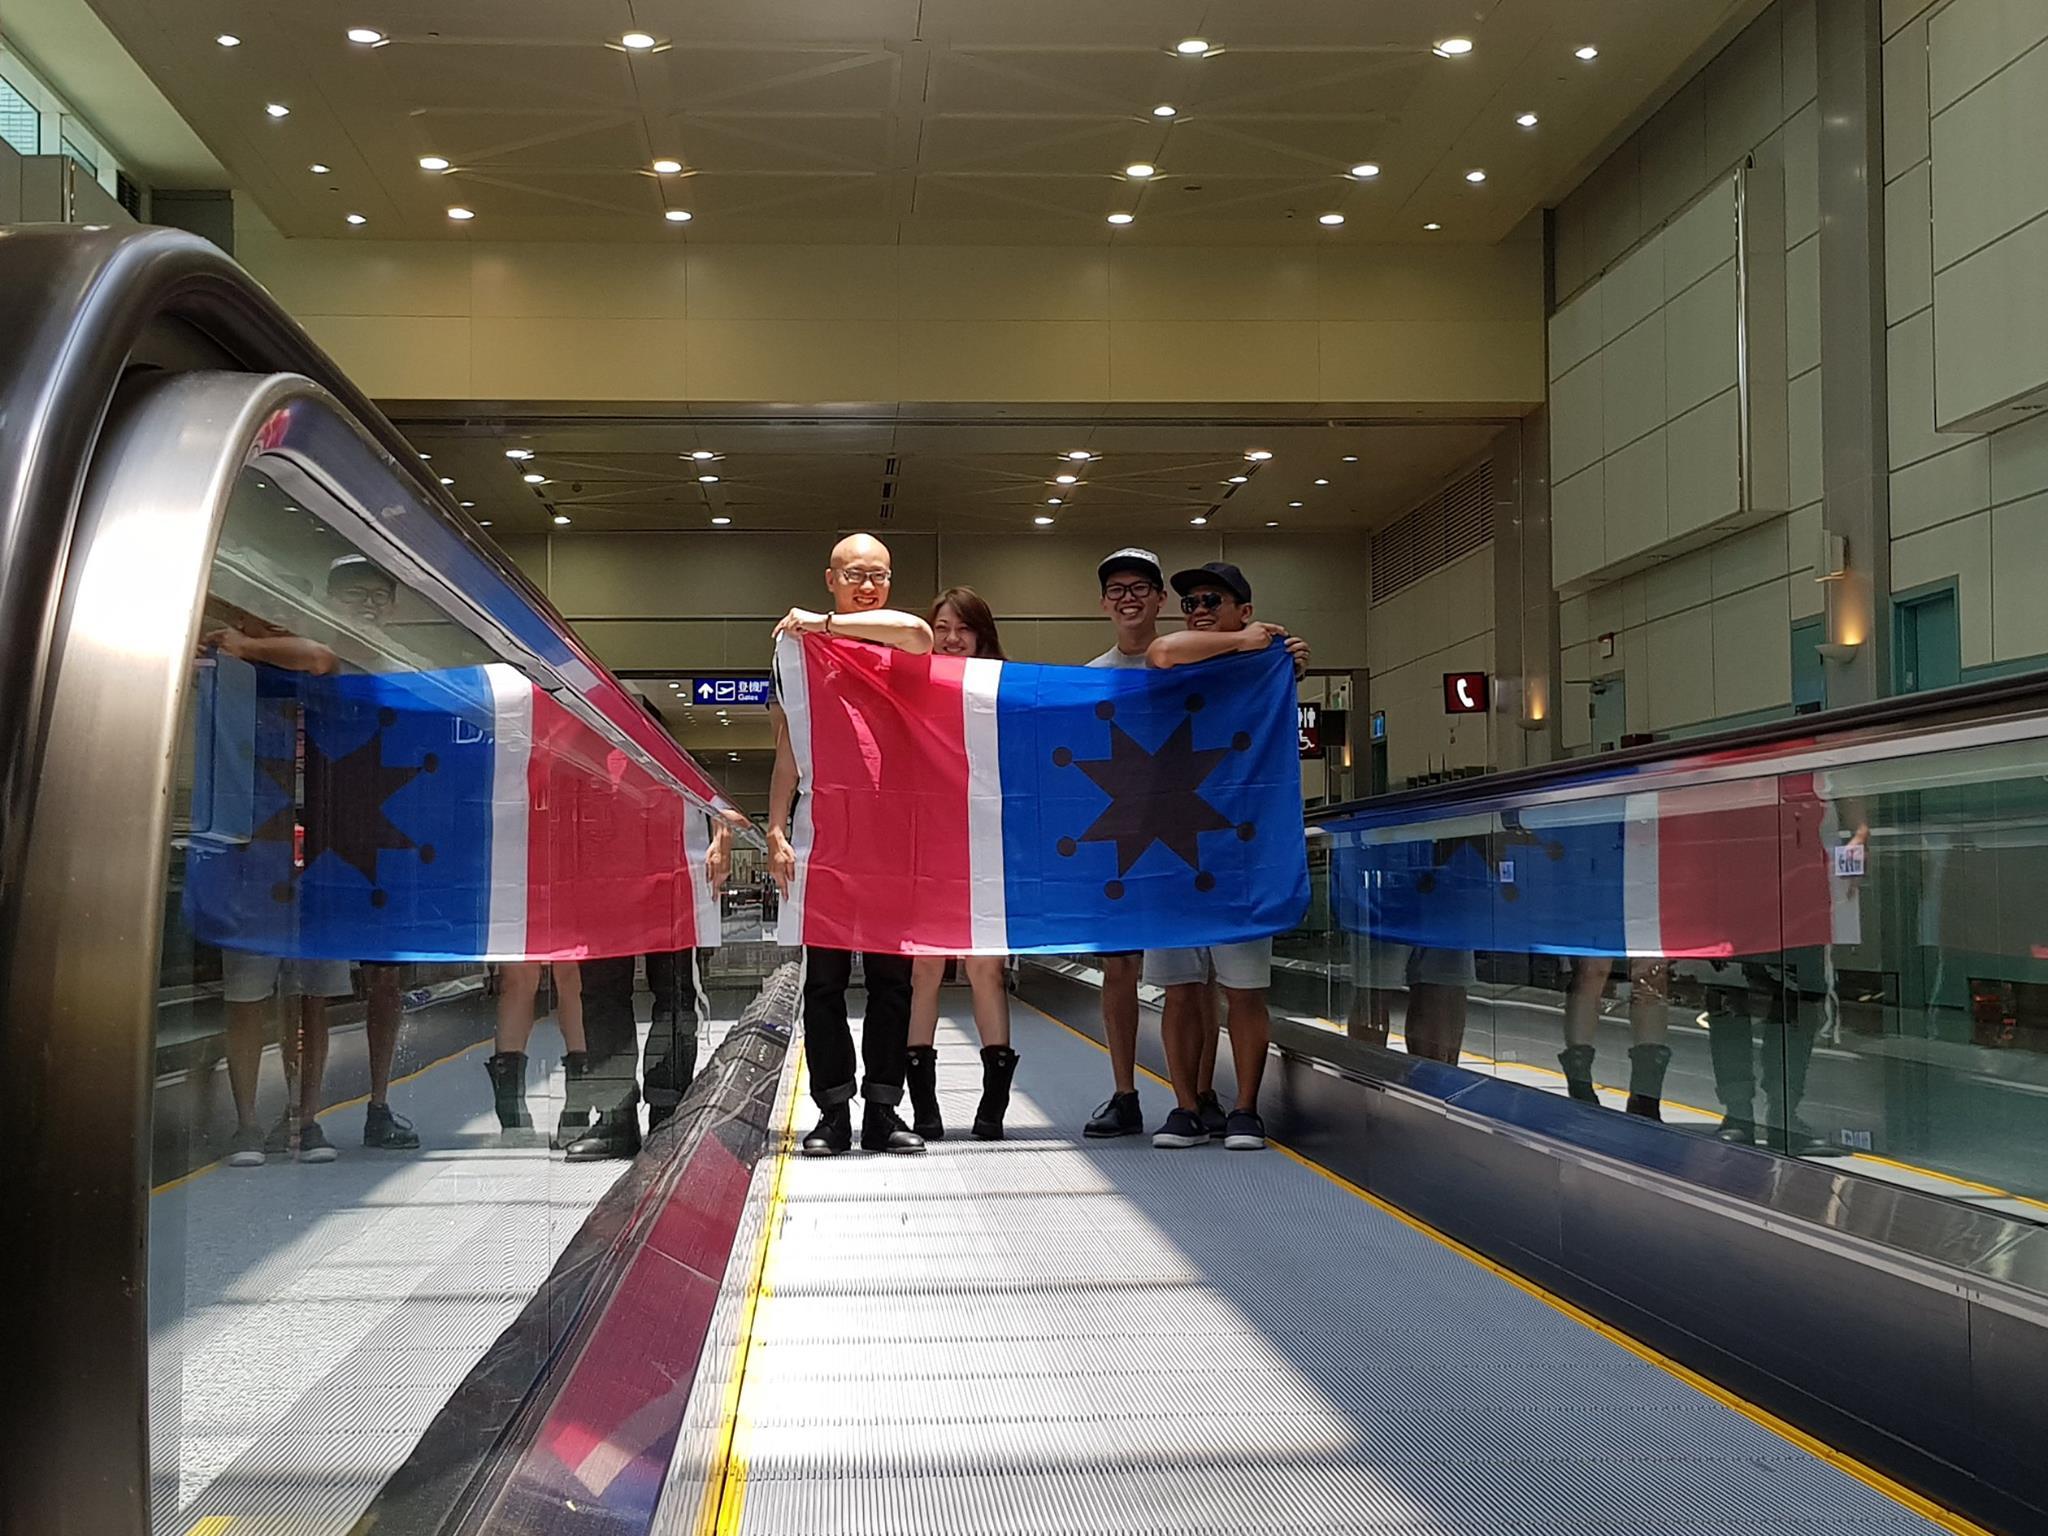 (左起)小龍、阿立、陽明、舒米恩在桃園機場登機前,正在用手機錄了一段阿米斯旗進場的趣味短片。